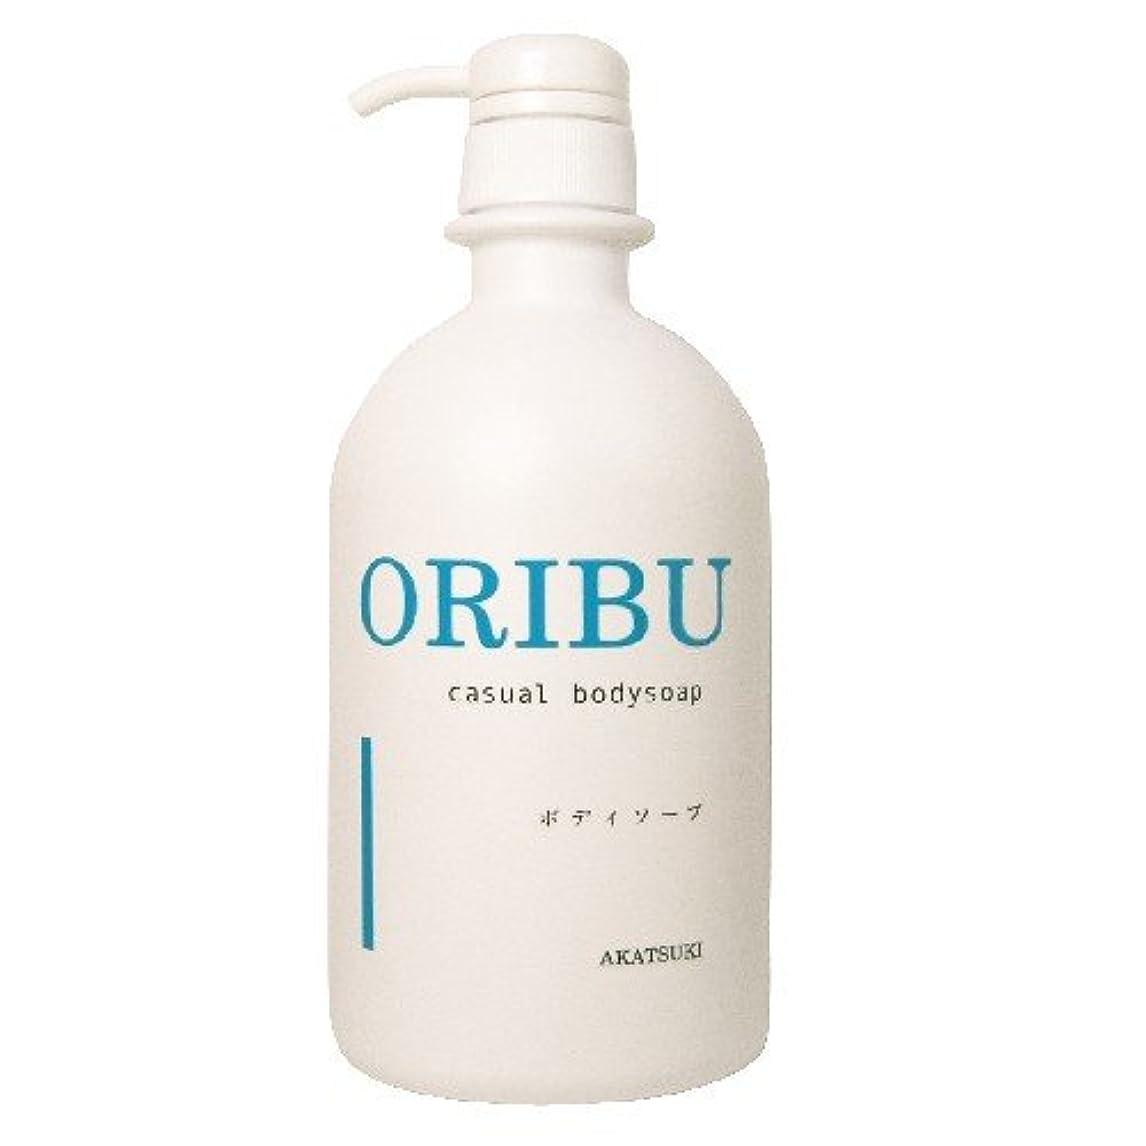 海上重要予防接種するORIBU果樹亜瑠 ボディソープ ボトル 800ml